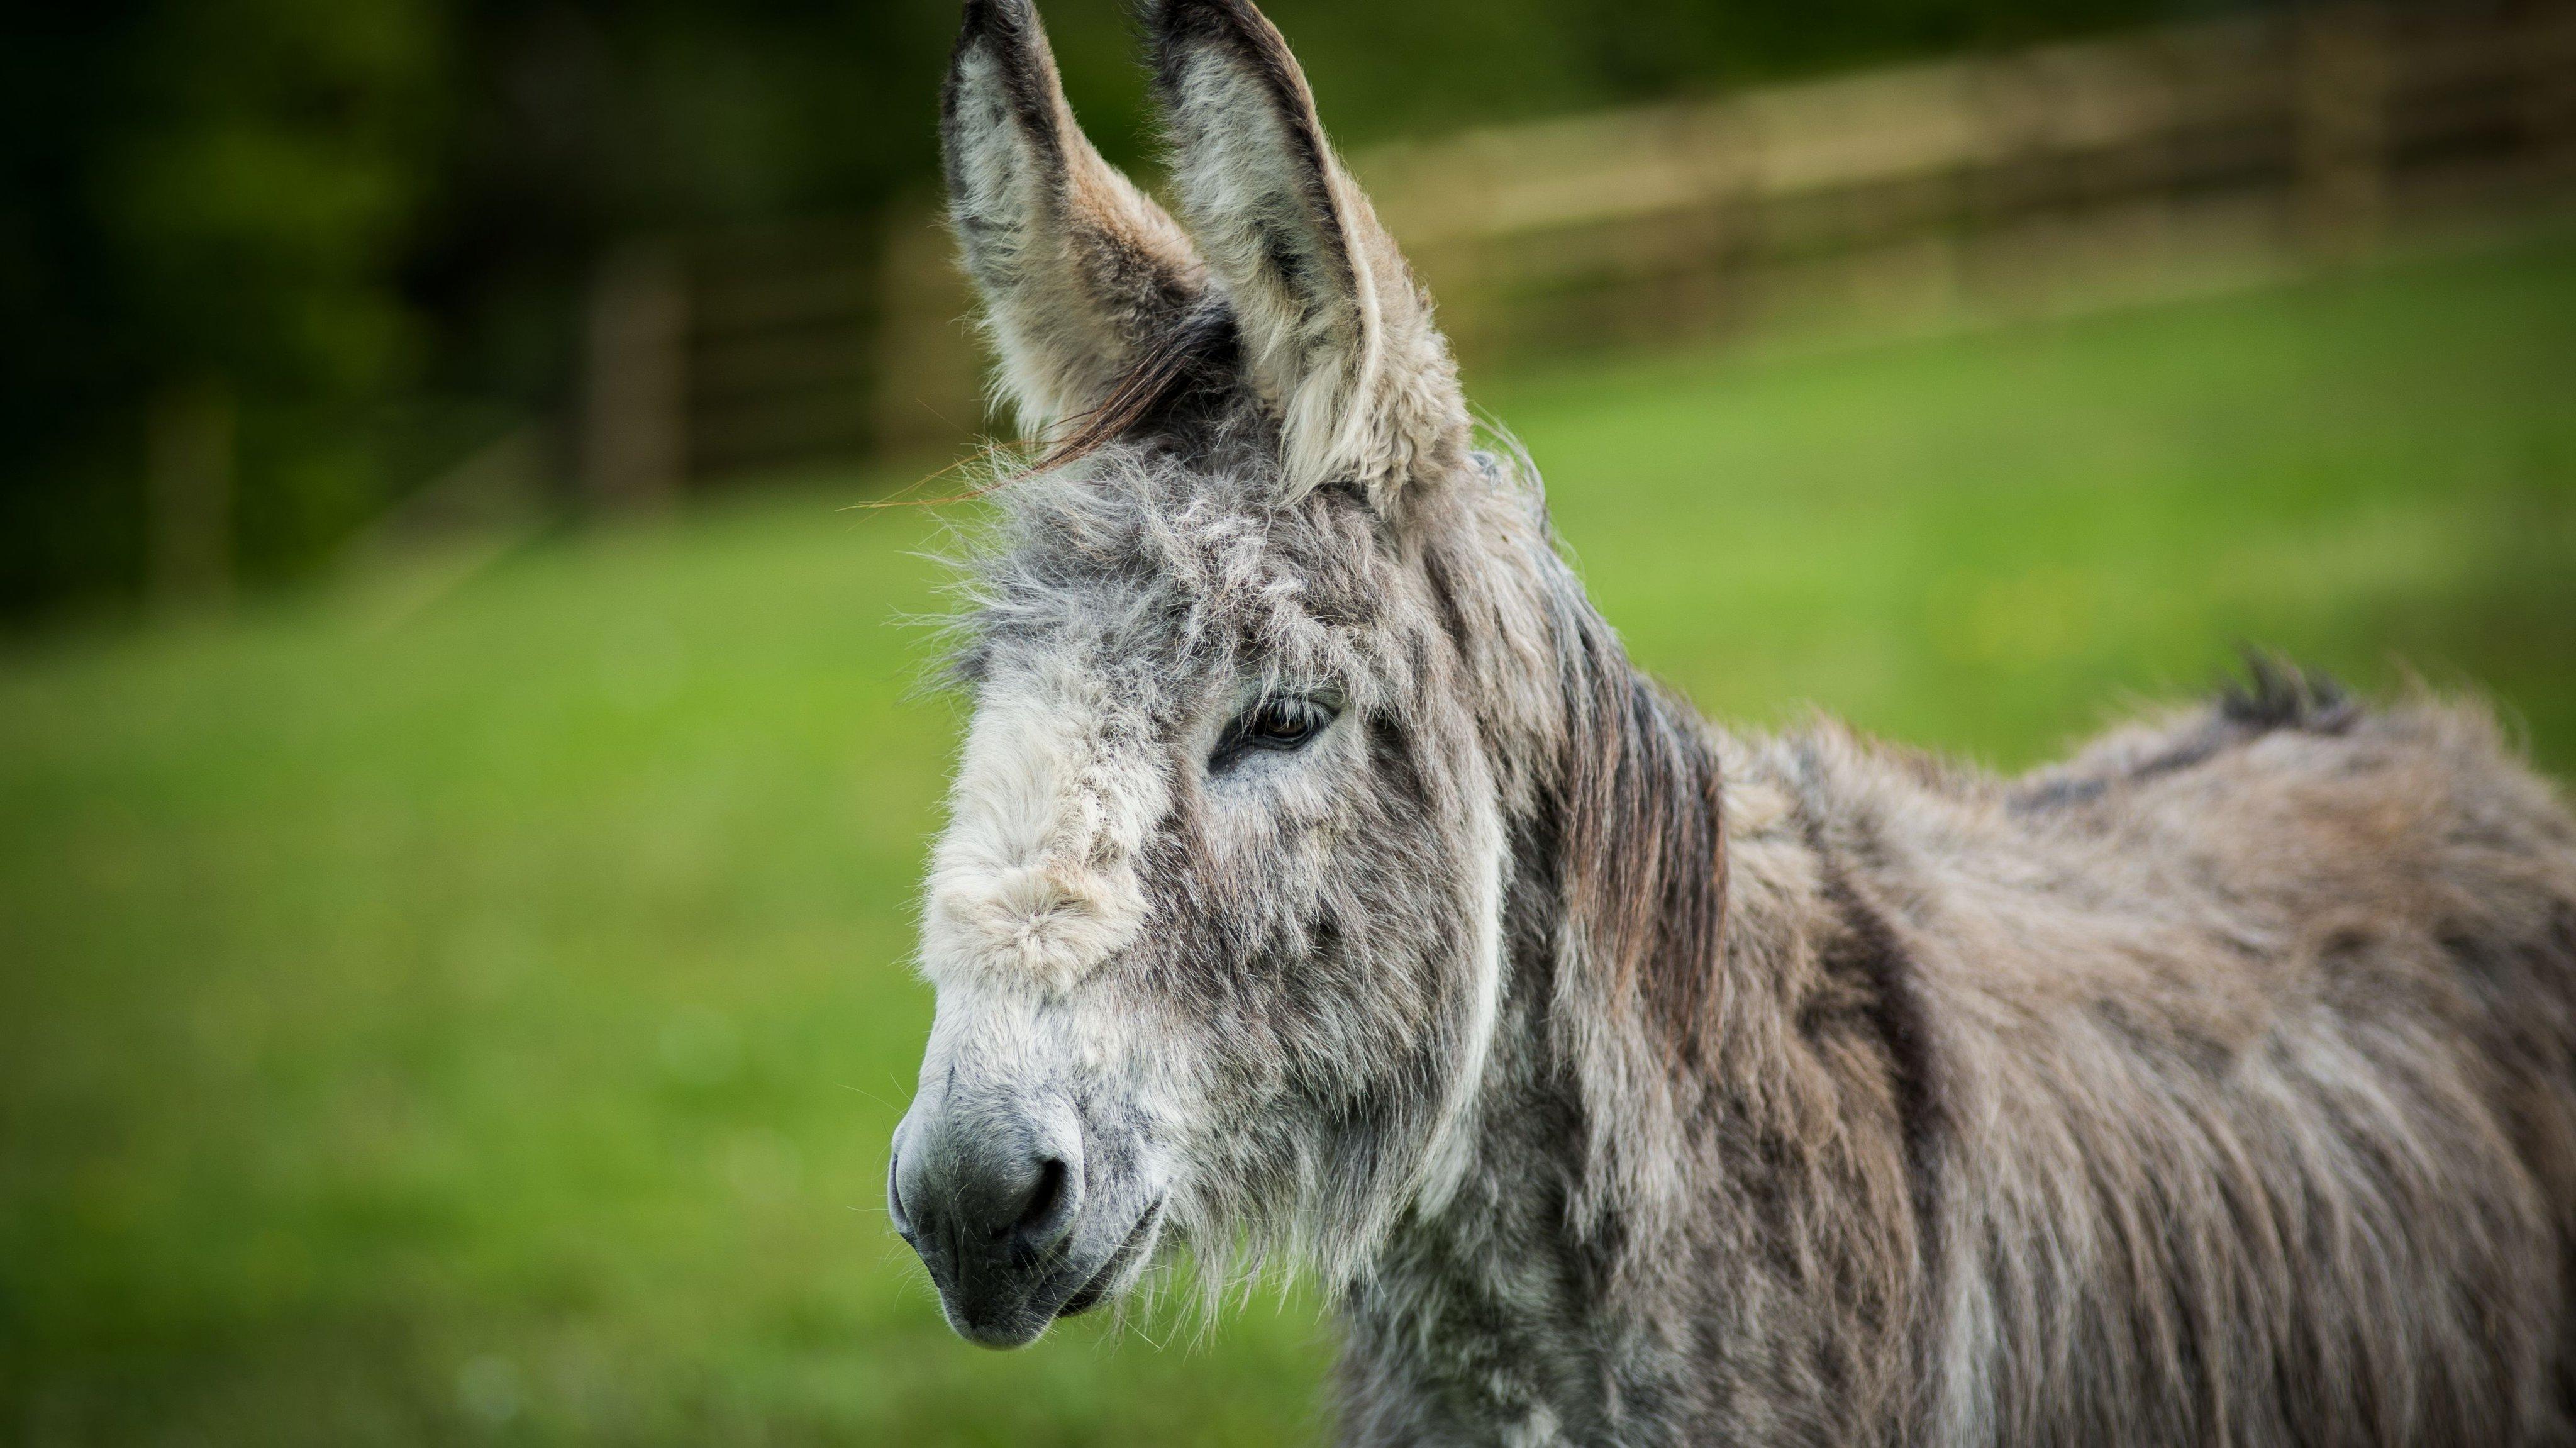 Africans peeling their donkeys' skins for healing wrinkles in Chinese' skins